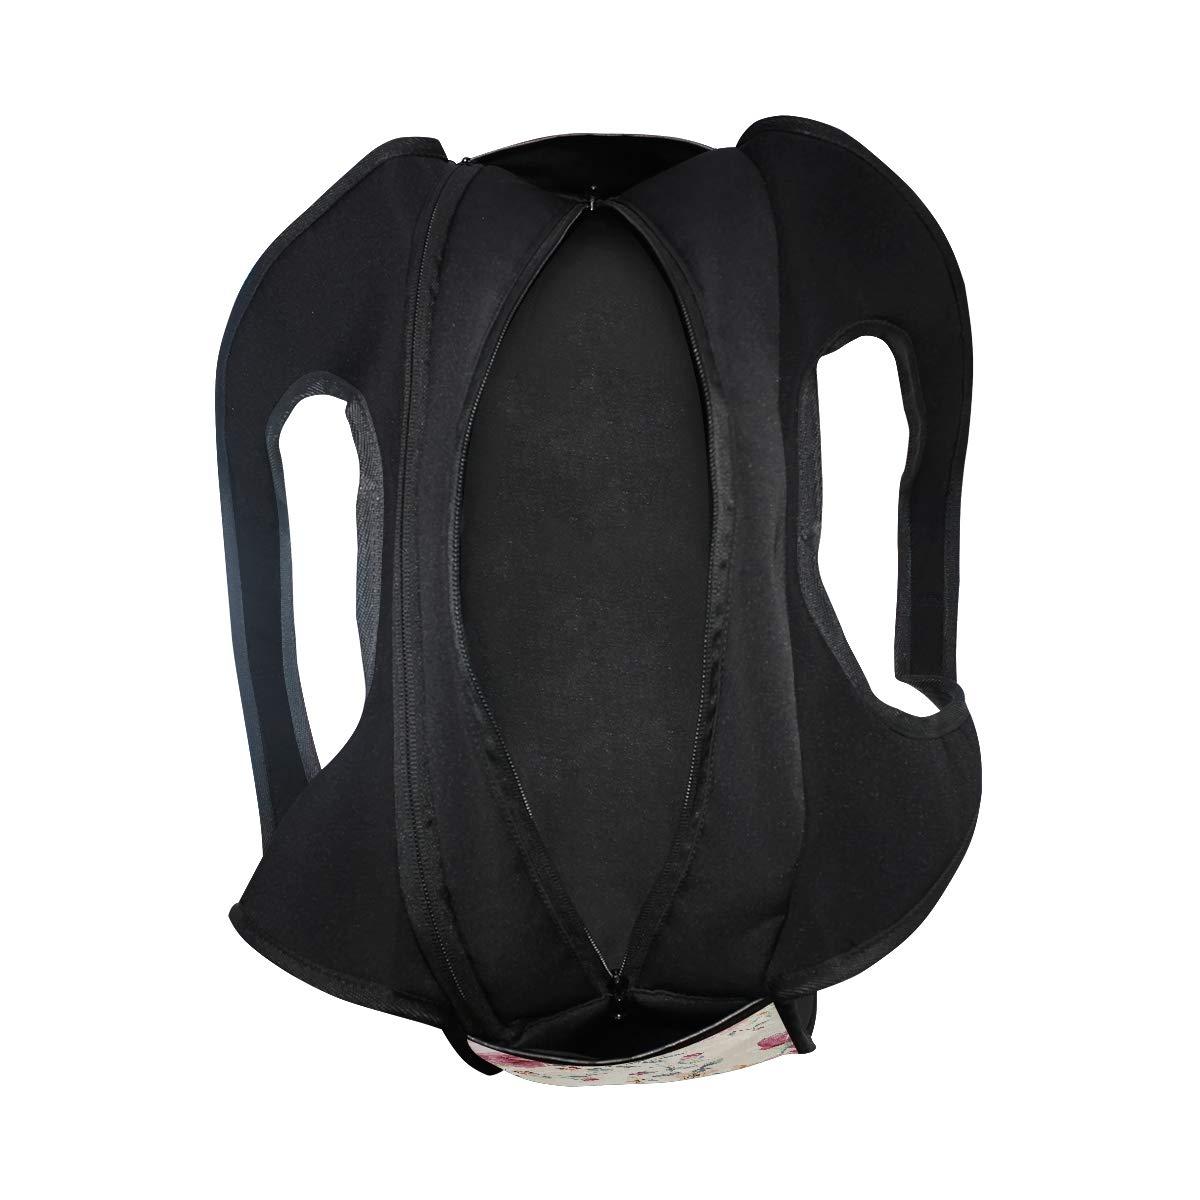 Pink Floral Vintage Pattern Women Sports Gym Totes Bag Multi-Function Nylon Travel Shoulder Bag